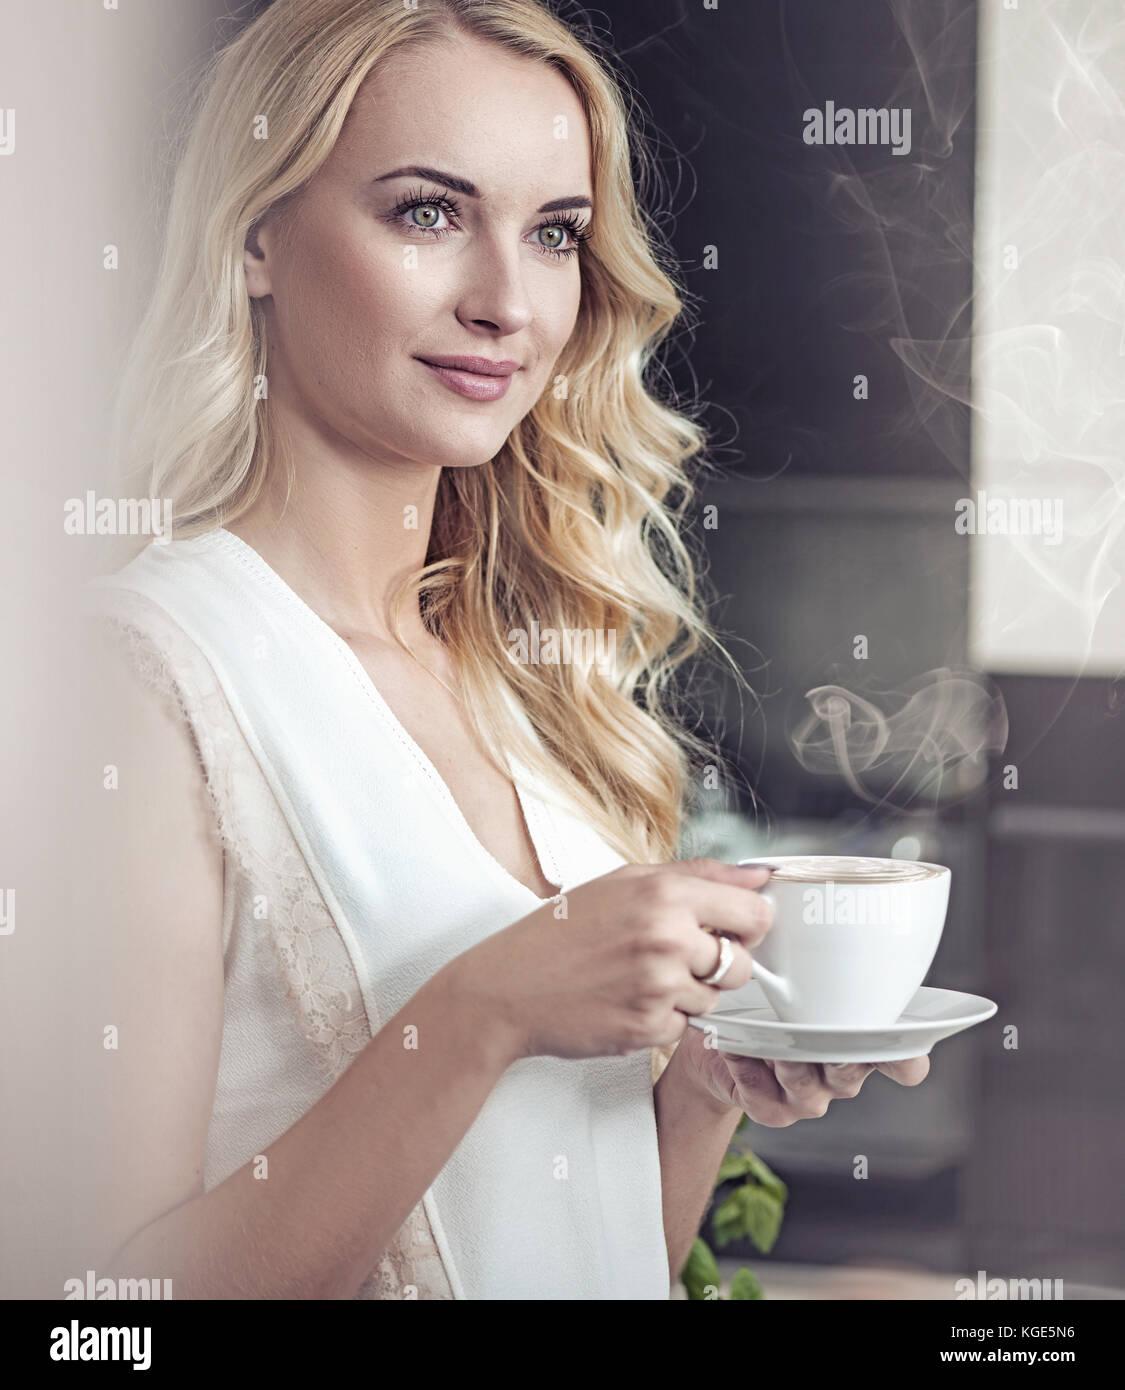 Portrait d'une jolie blonde dame de boire une tasse de café Photo Stock